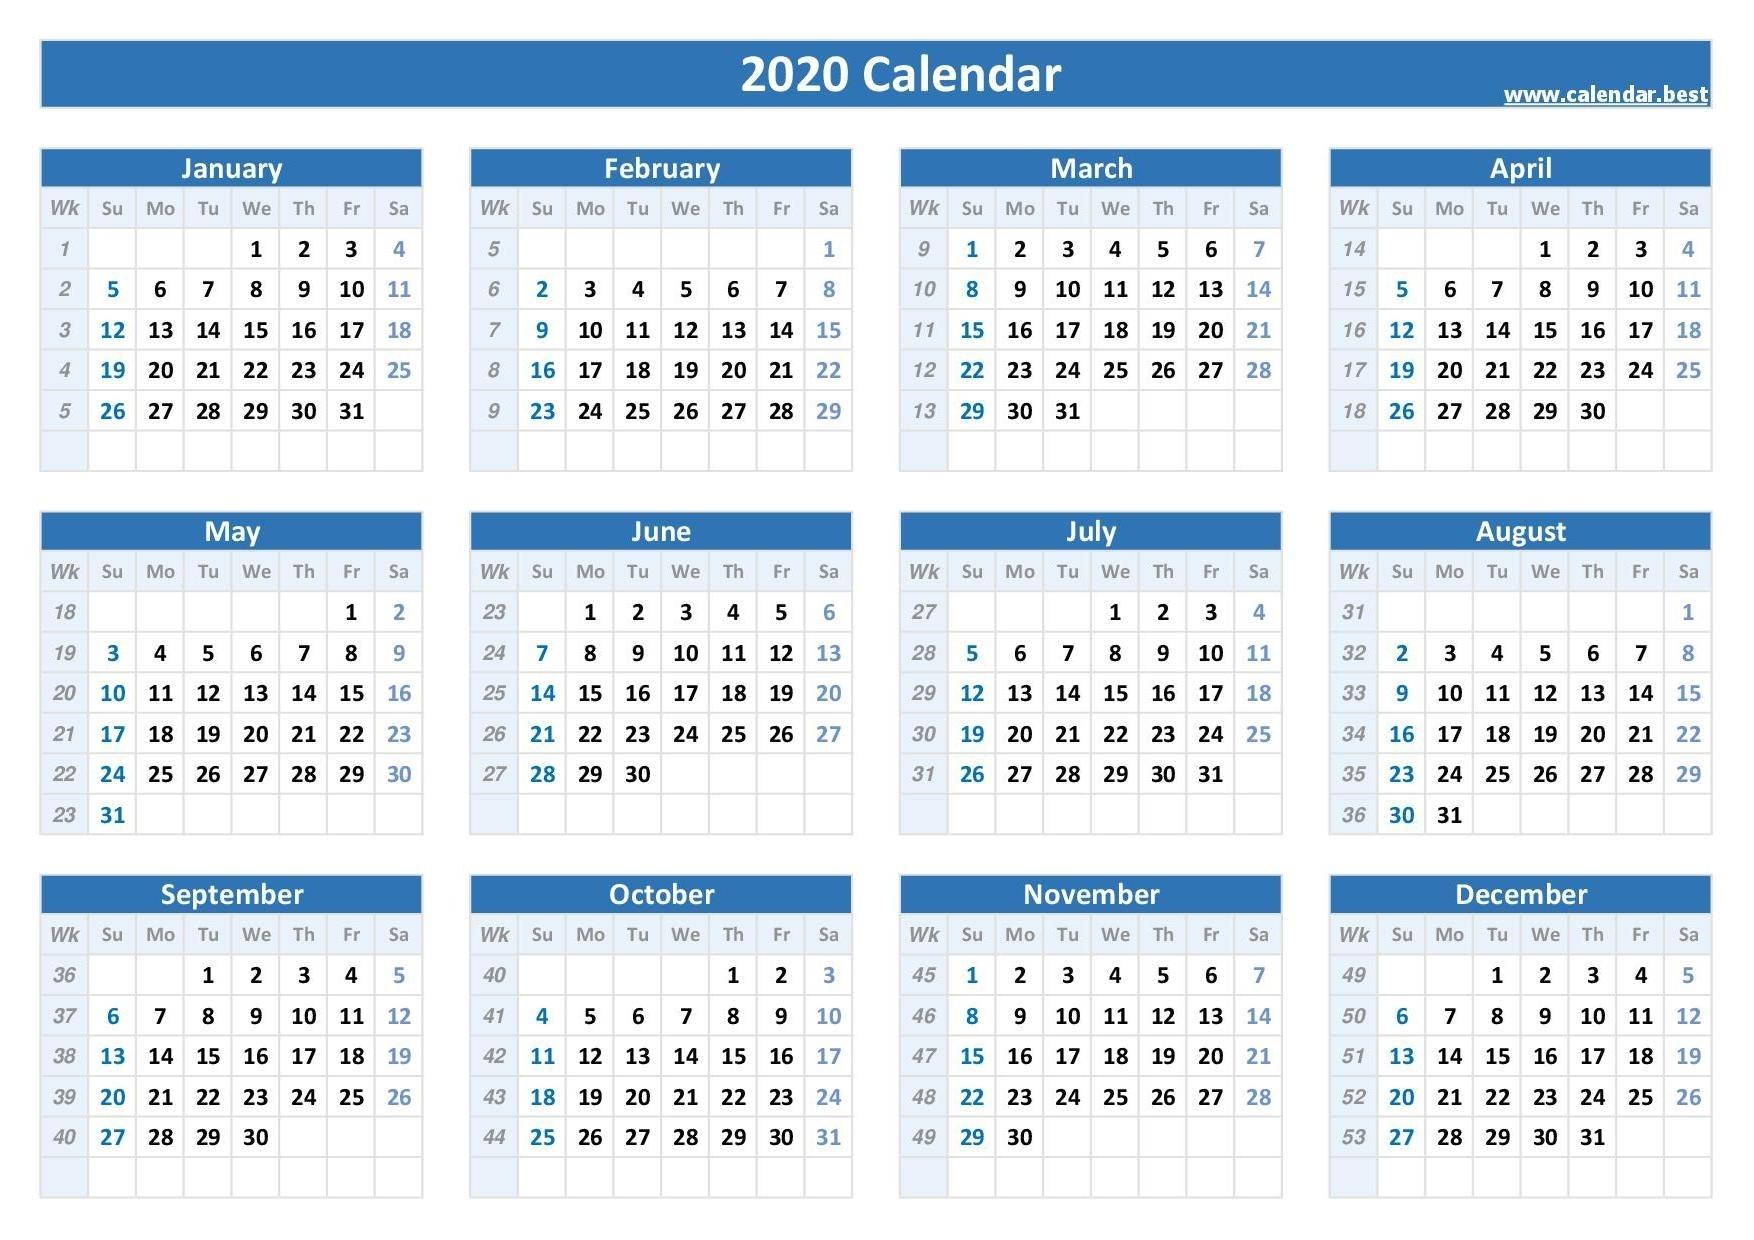 2020 Calendar With Week Numbers -Calendar.best throughout 2020 Calender Year Week Wise